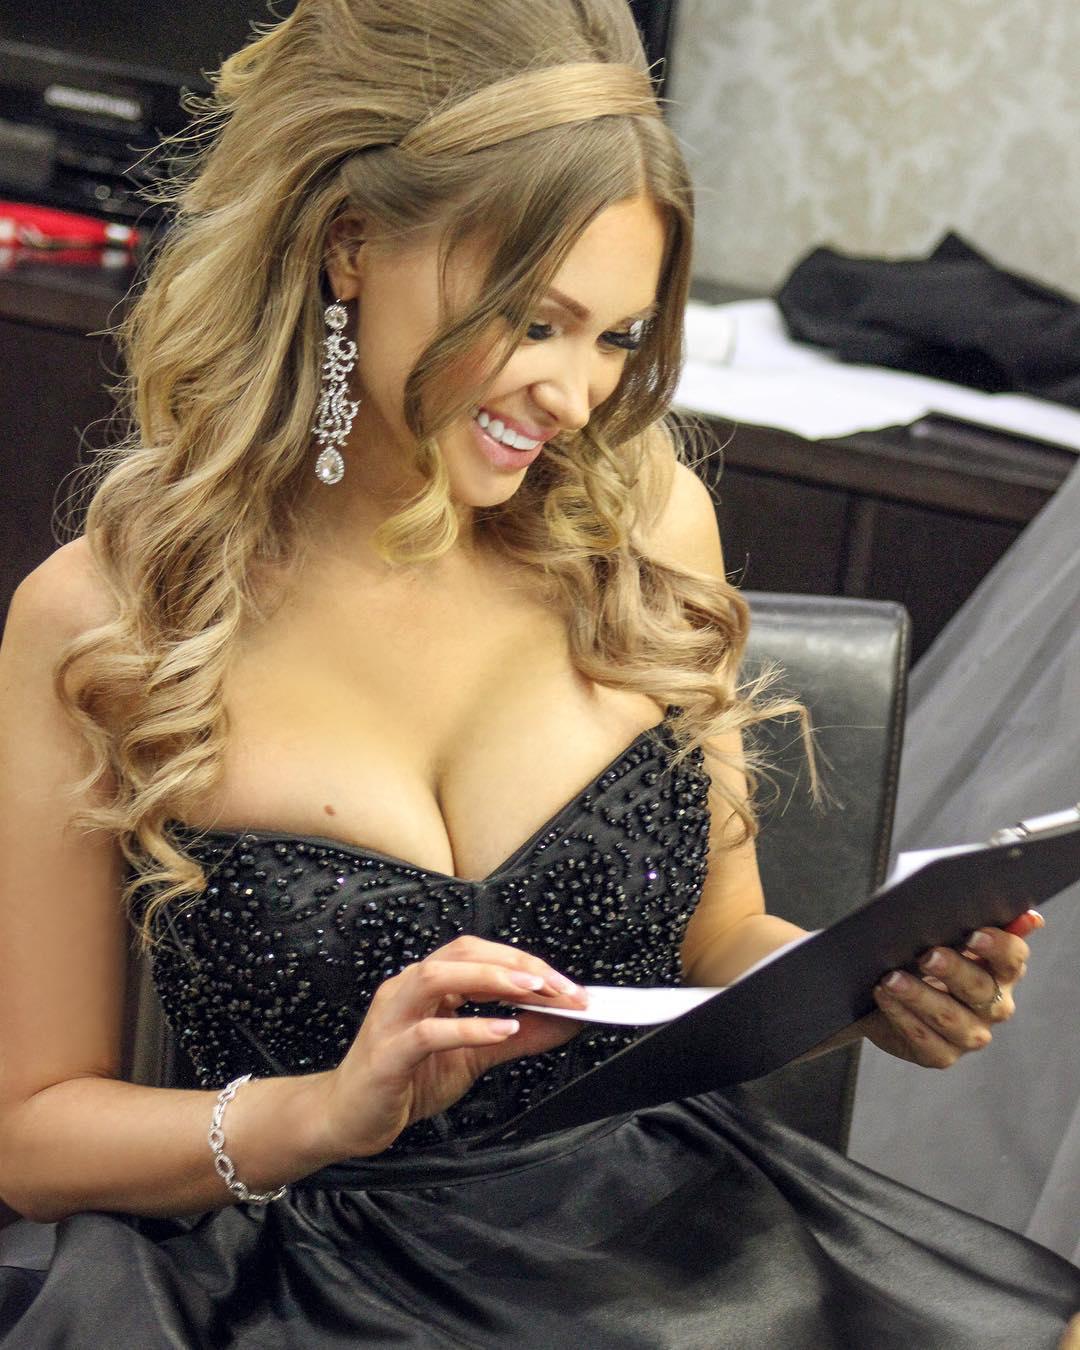 Евгения Феофилактова: Как вы считаете важно ли чувство юмора у мужчины?) #FEOFILAKTOVAEVGENIYA